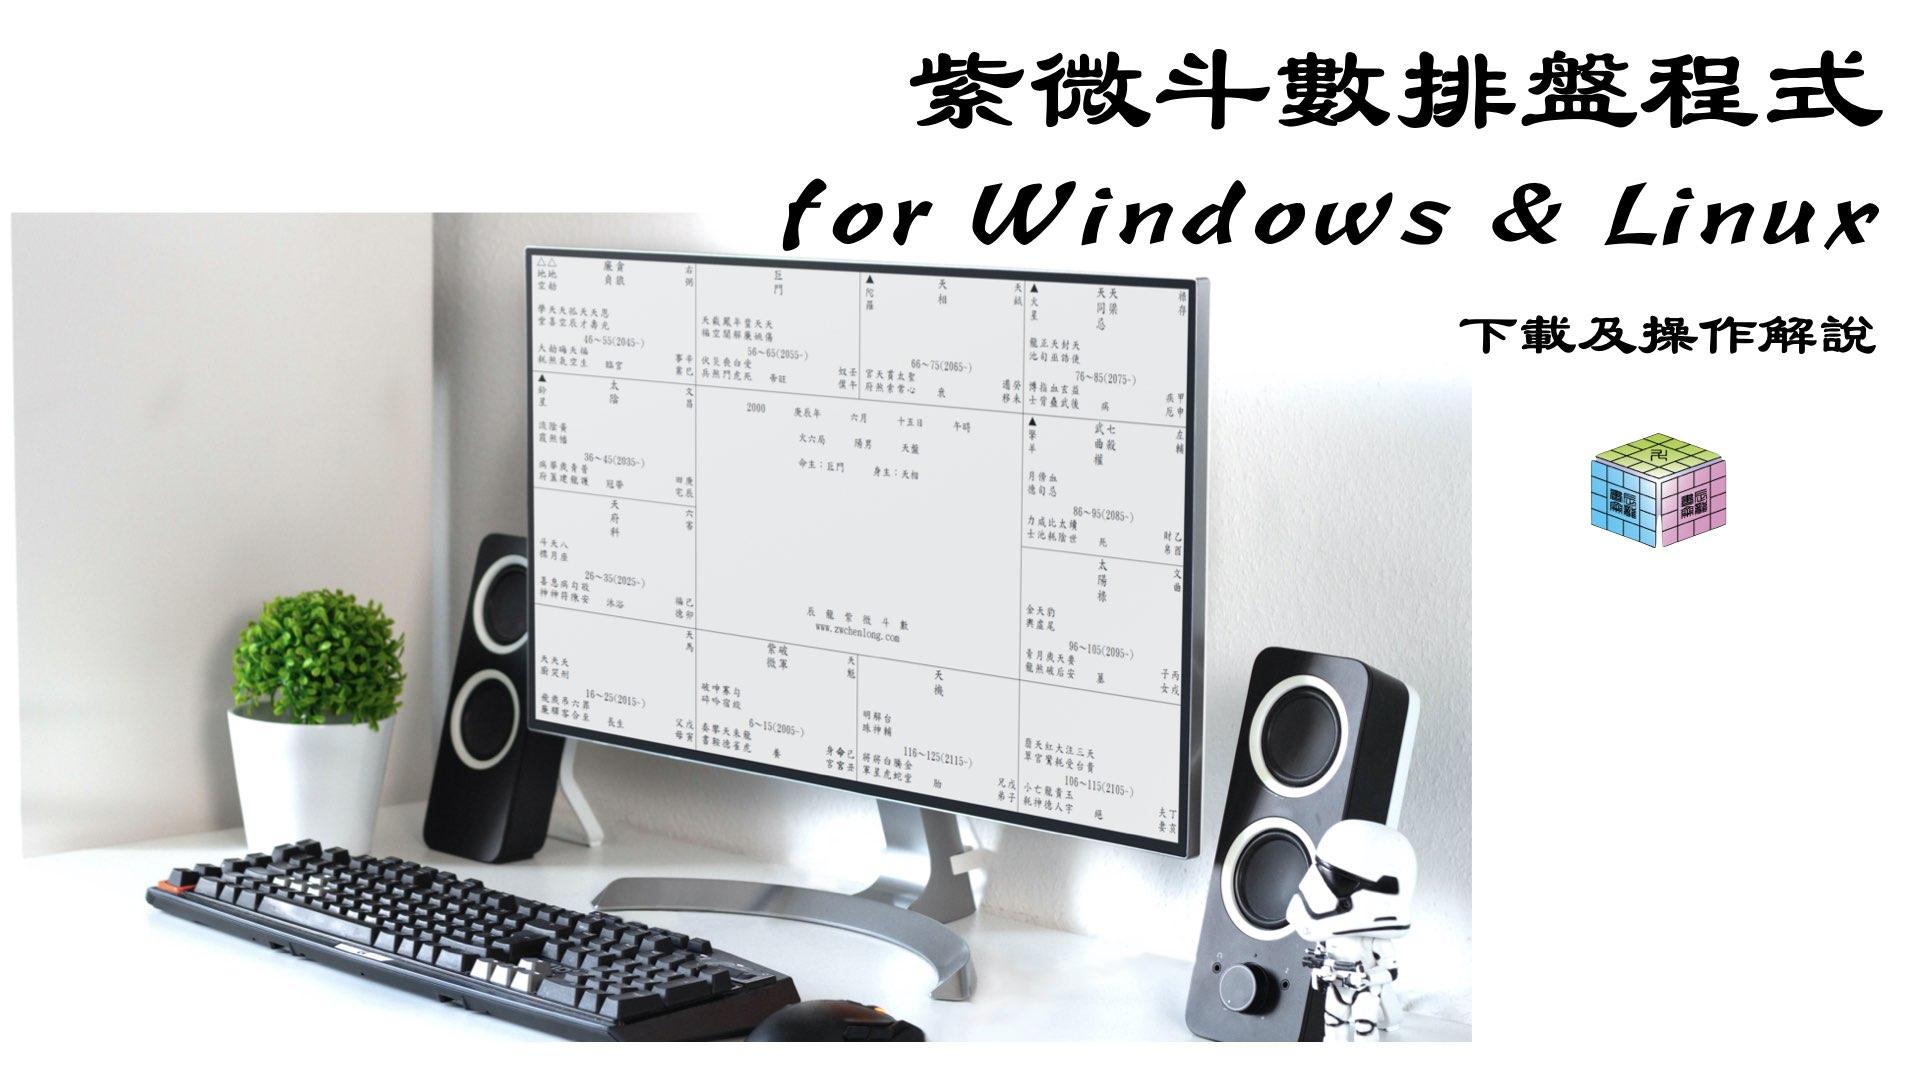 紫微斗數排盤程式下載及解說 for Windows & Linux